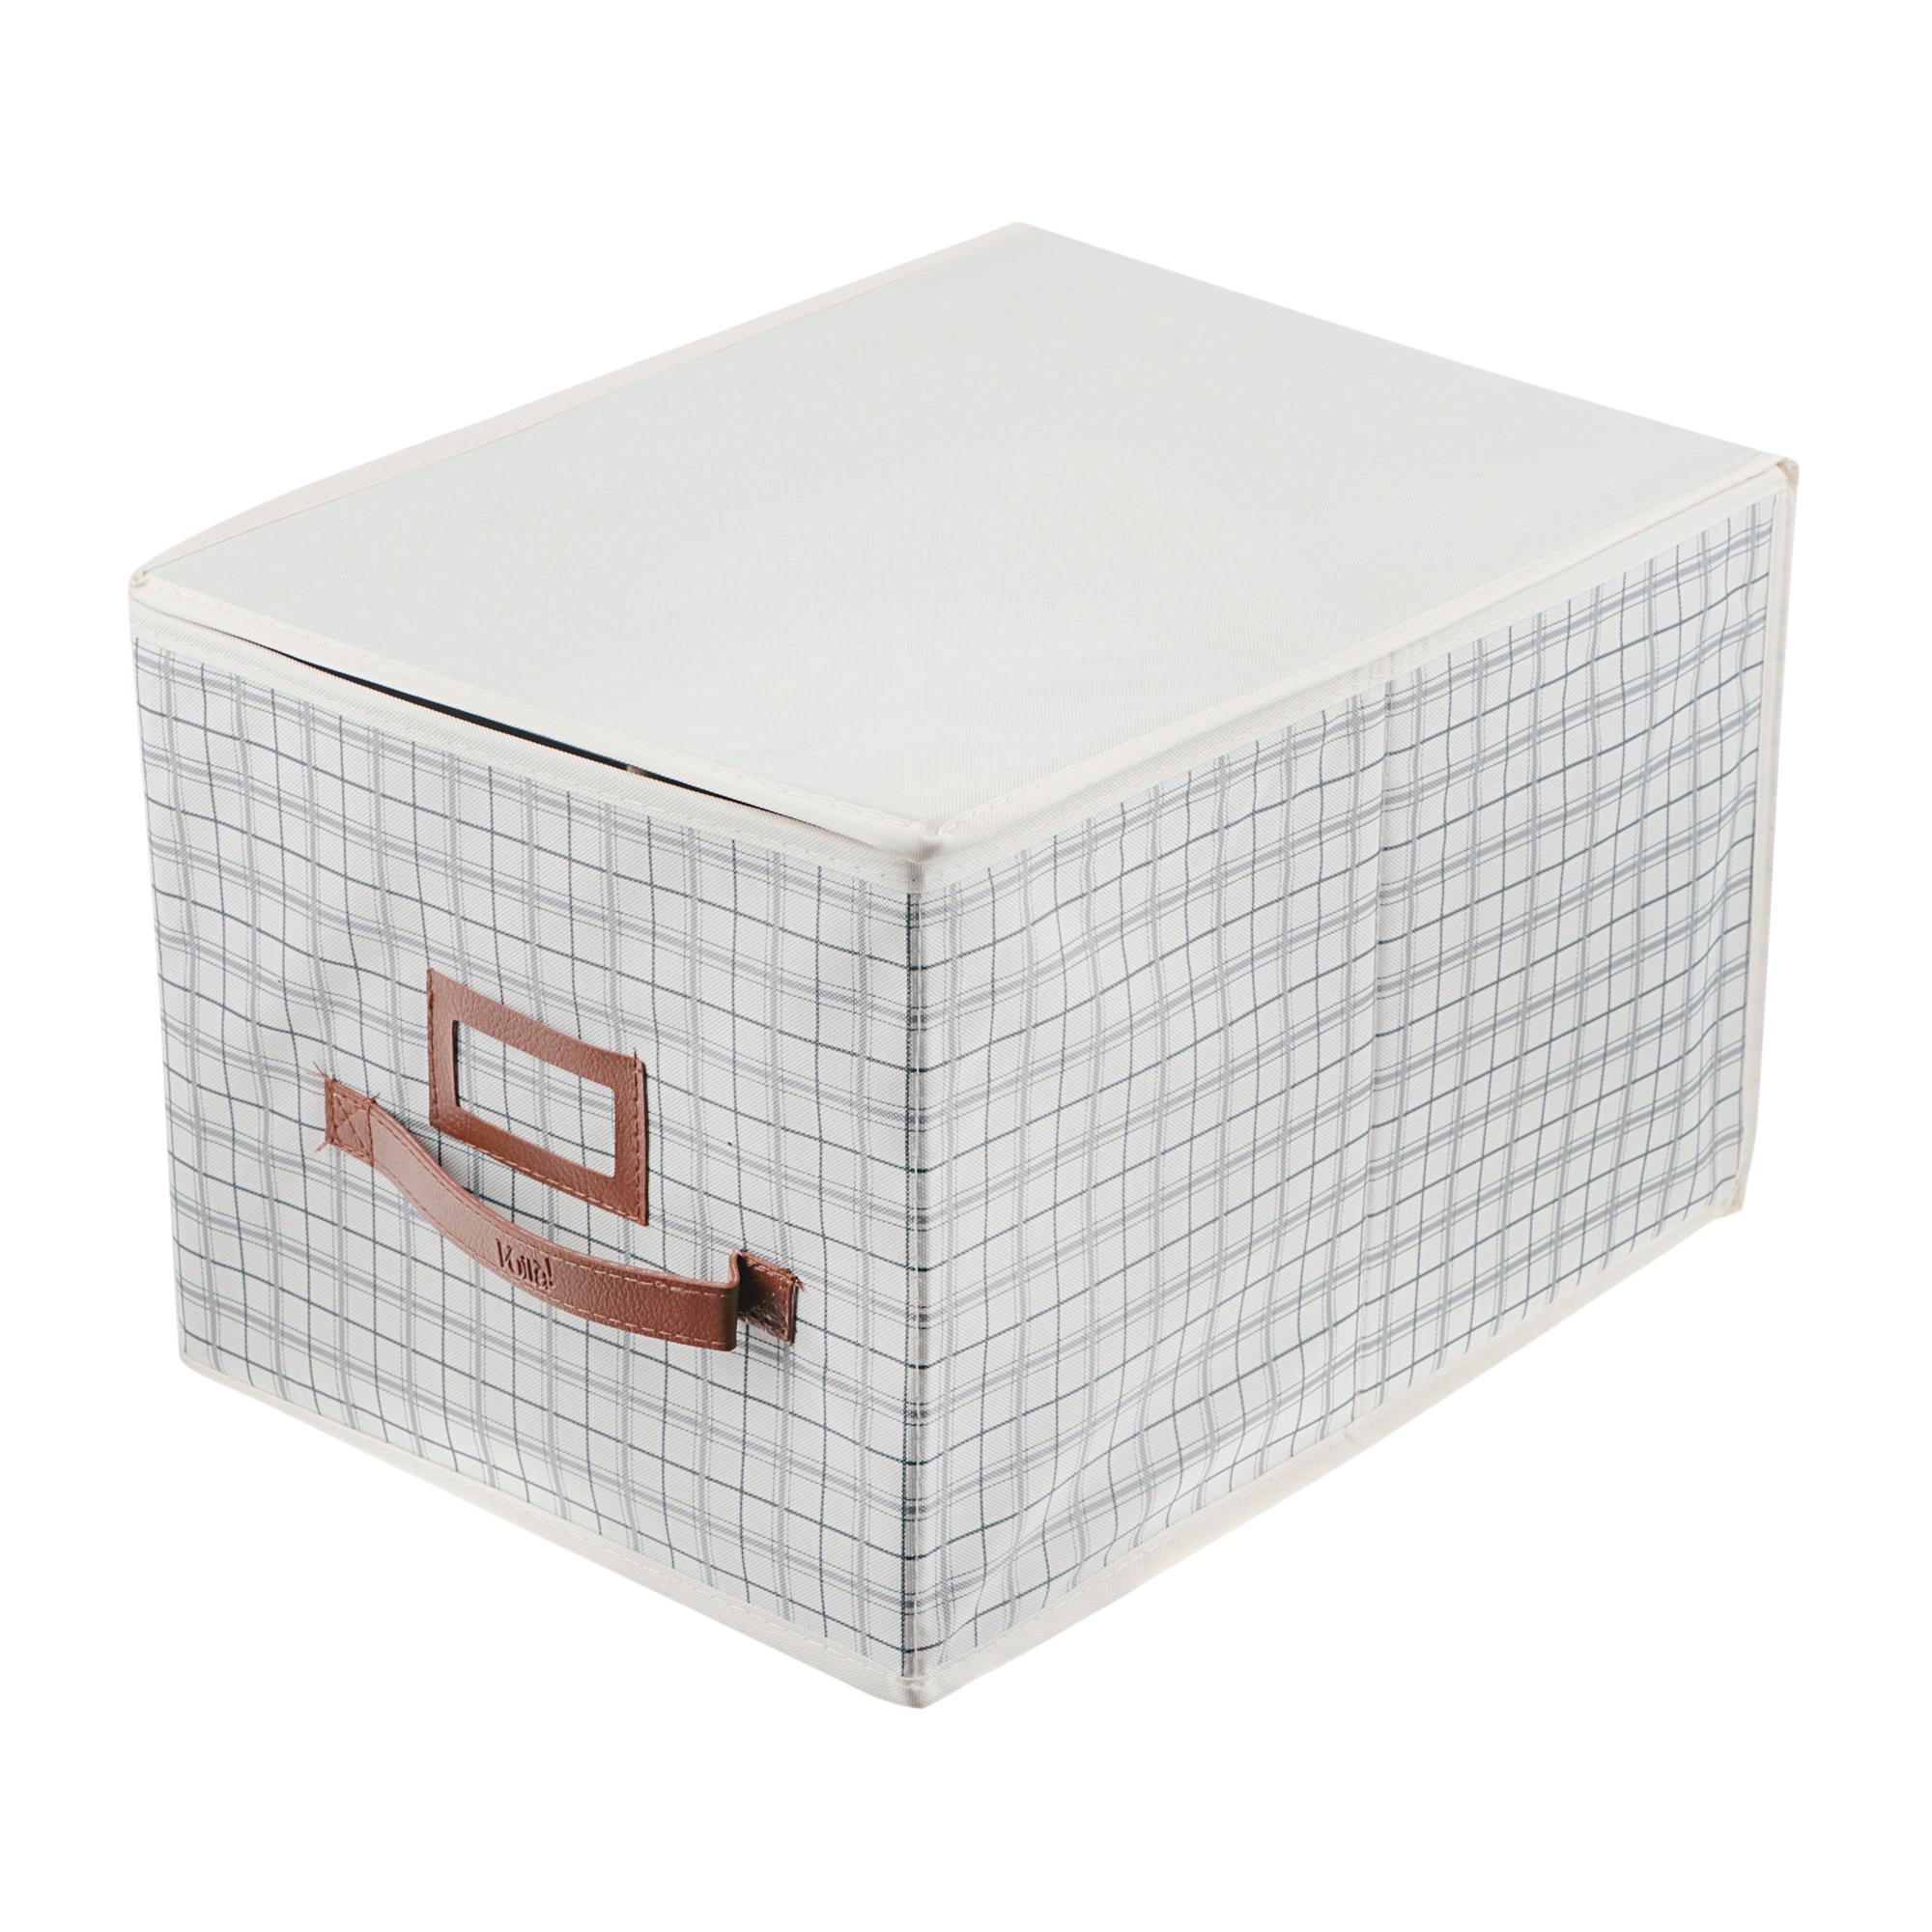 Коробка для хранения вещей Cosatto 30х45х25 см cosatto конверт к коляске wow cosatto fjord